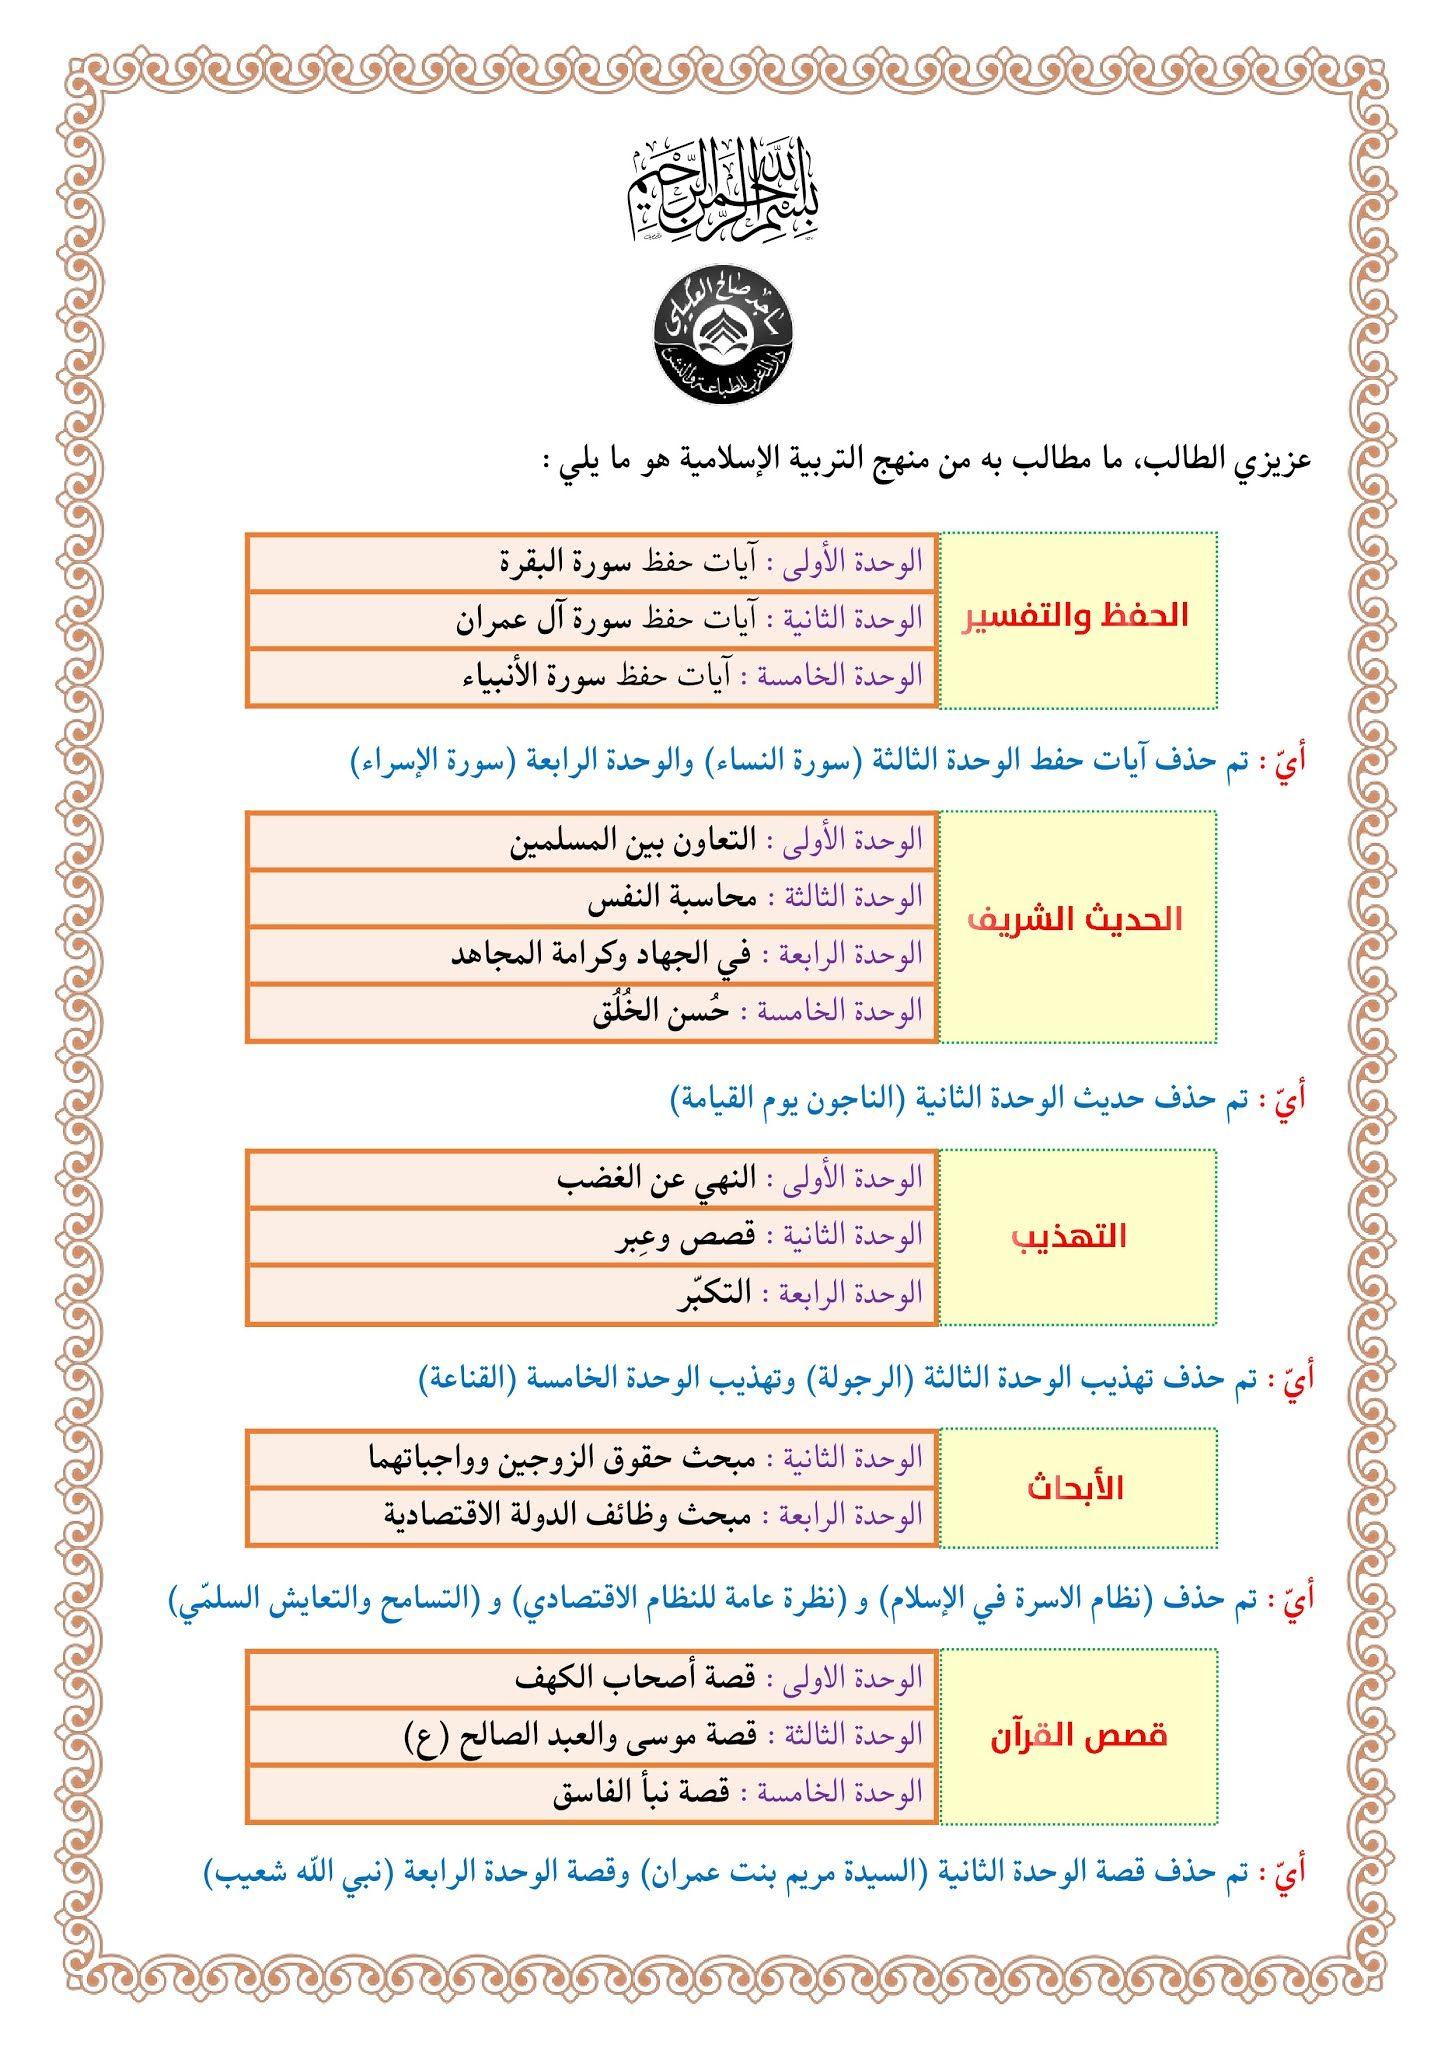 الحذوفات في مادة التربية الاسلامية لصف السادس 2020 تكييف منهج الاسلامية سادس ادبي 2021 تكييف منهج الاسلامية سادس علمي تطبيقي 2021 Blog Posts Blog Journal